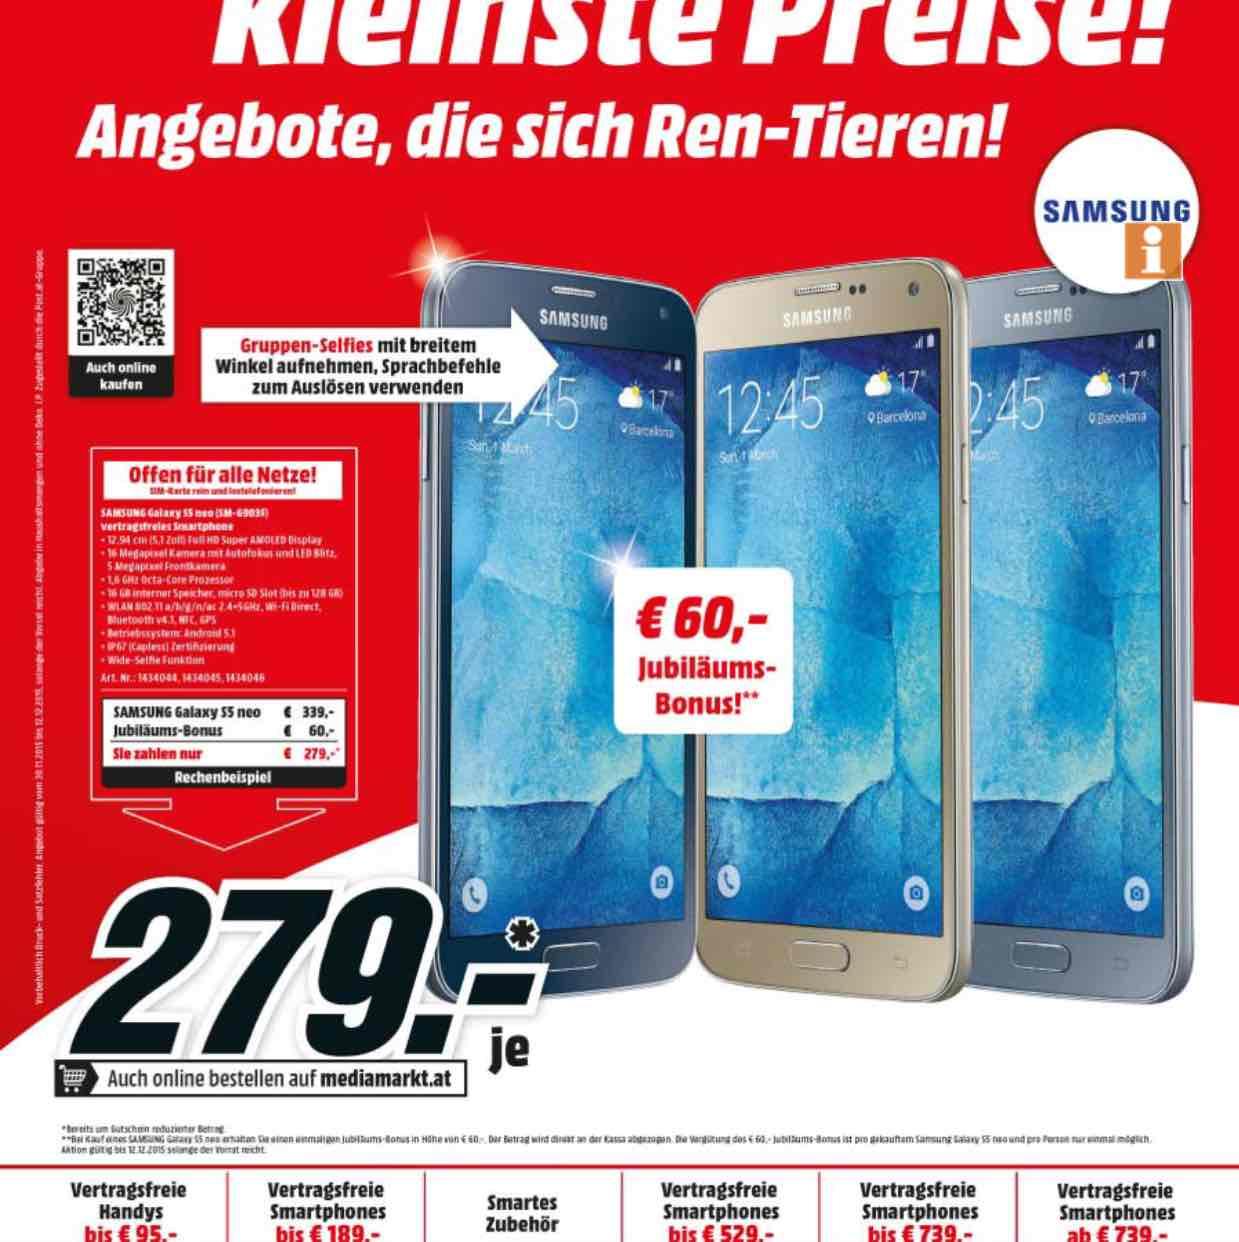 Media Markt - Samsung Galaxy S5 Neo um 279 €